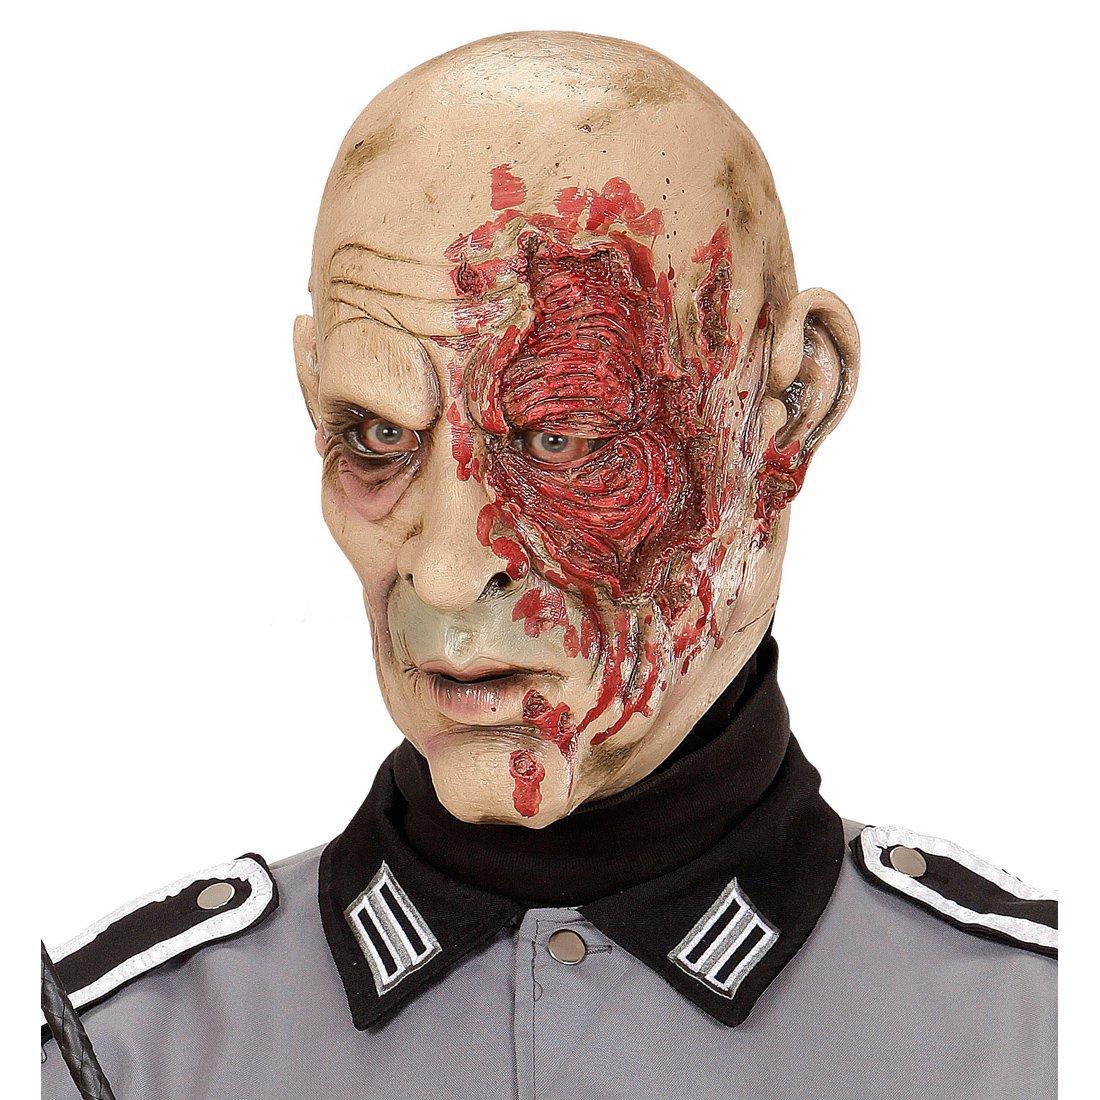 Careta zombie soldado Antifaz de látex general Máscara muerto viviente Mascarilla terrorífica guerrero Cubre rostro terror militar Accesorio Halloween ...